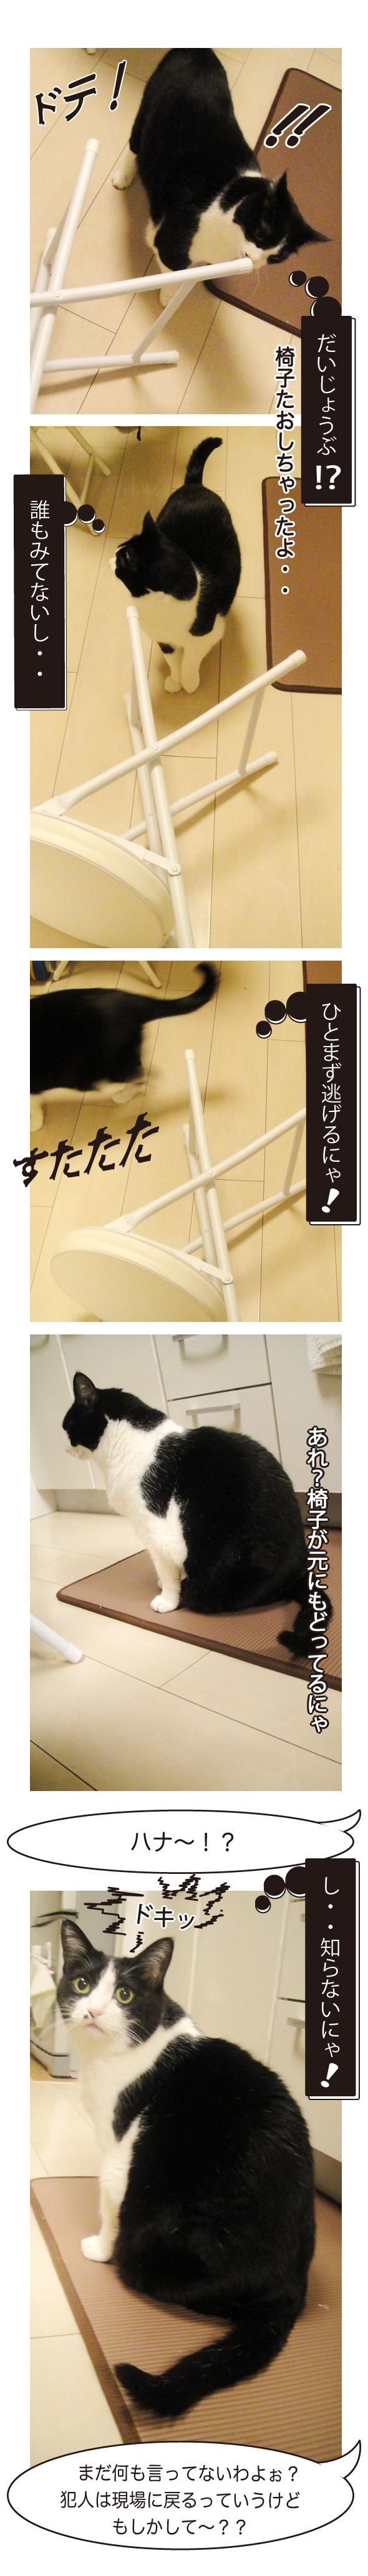 椅子をたおした猫